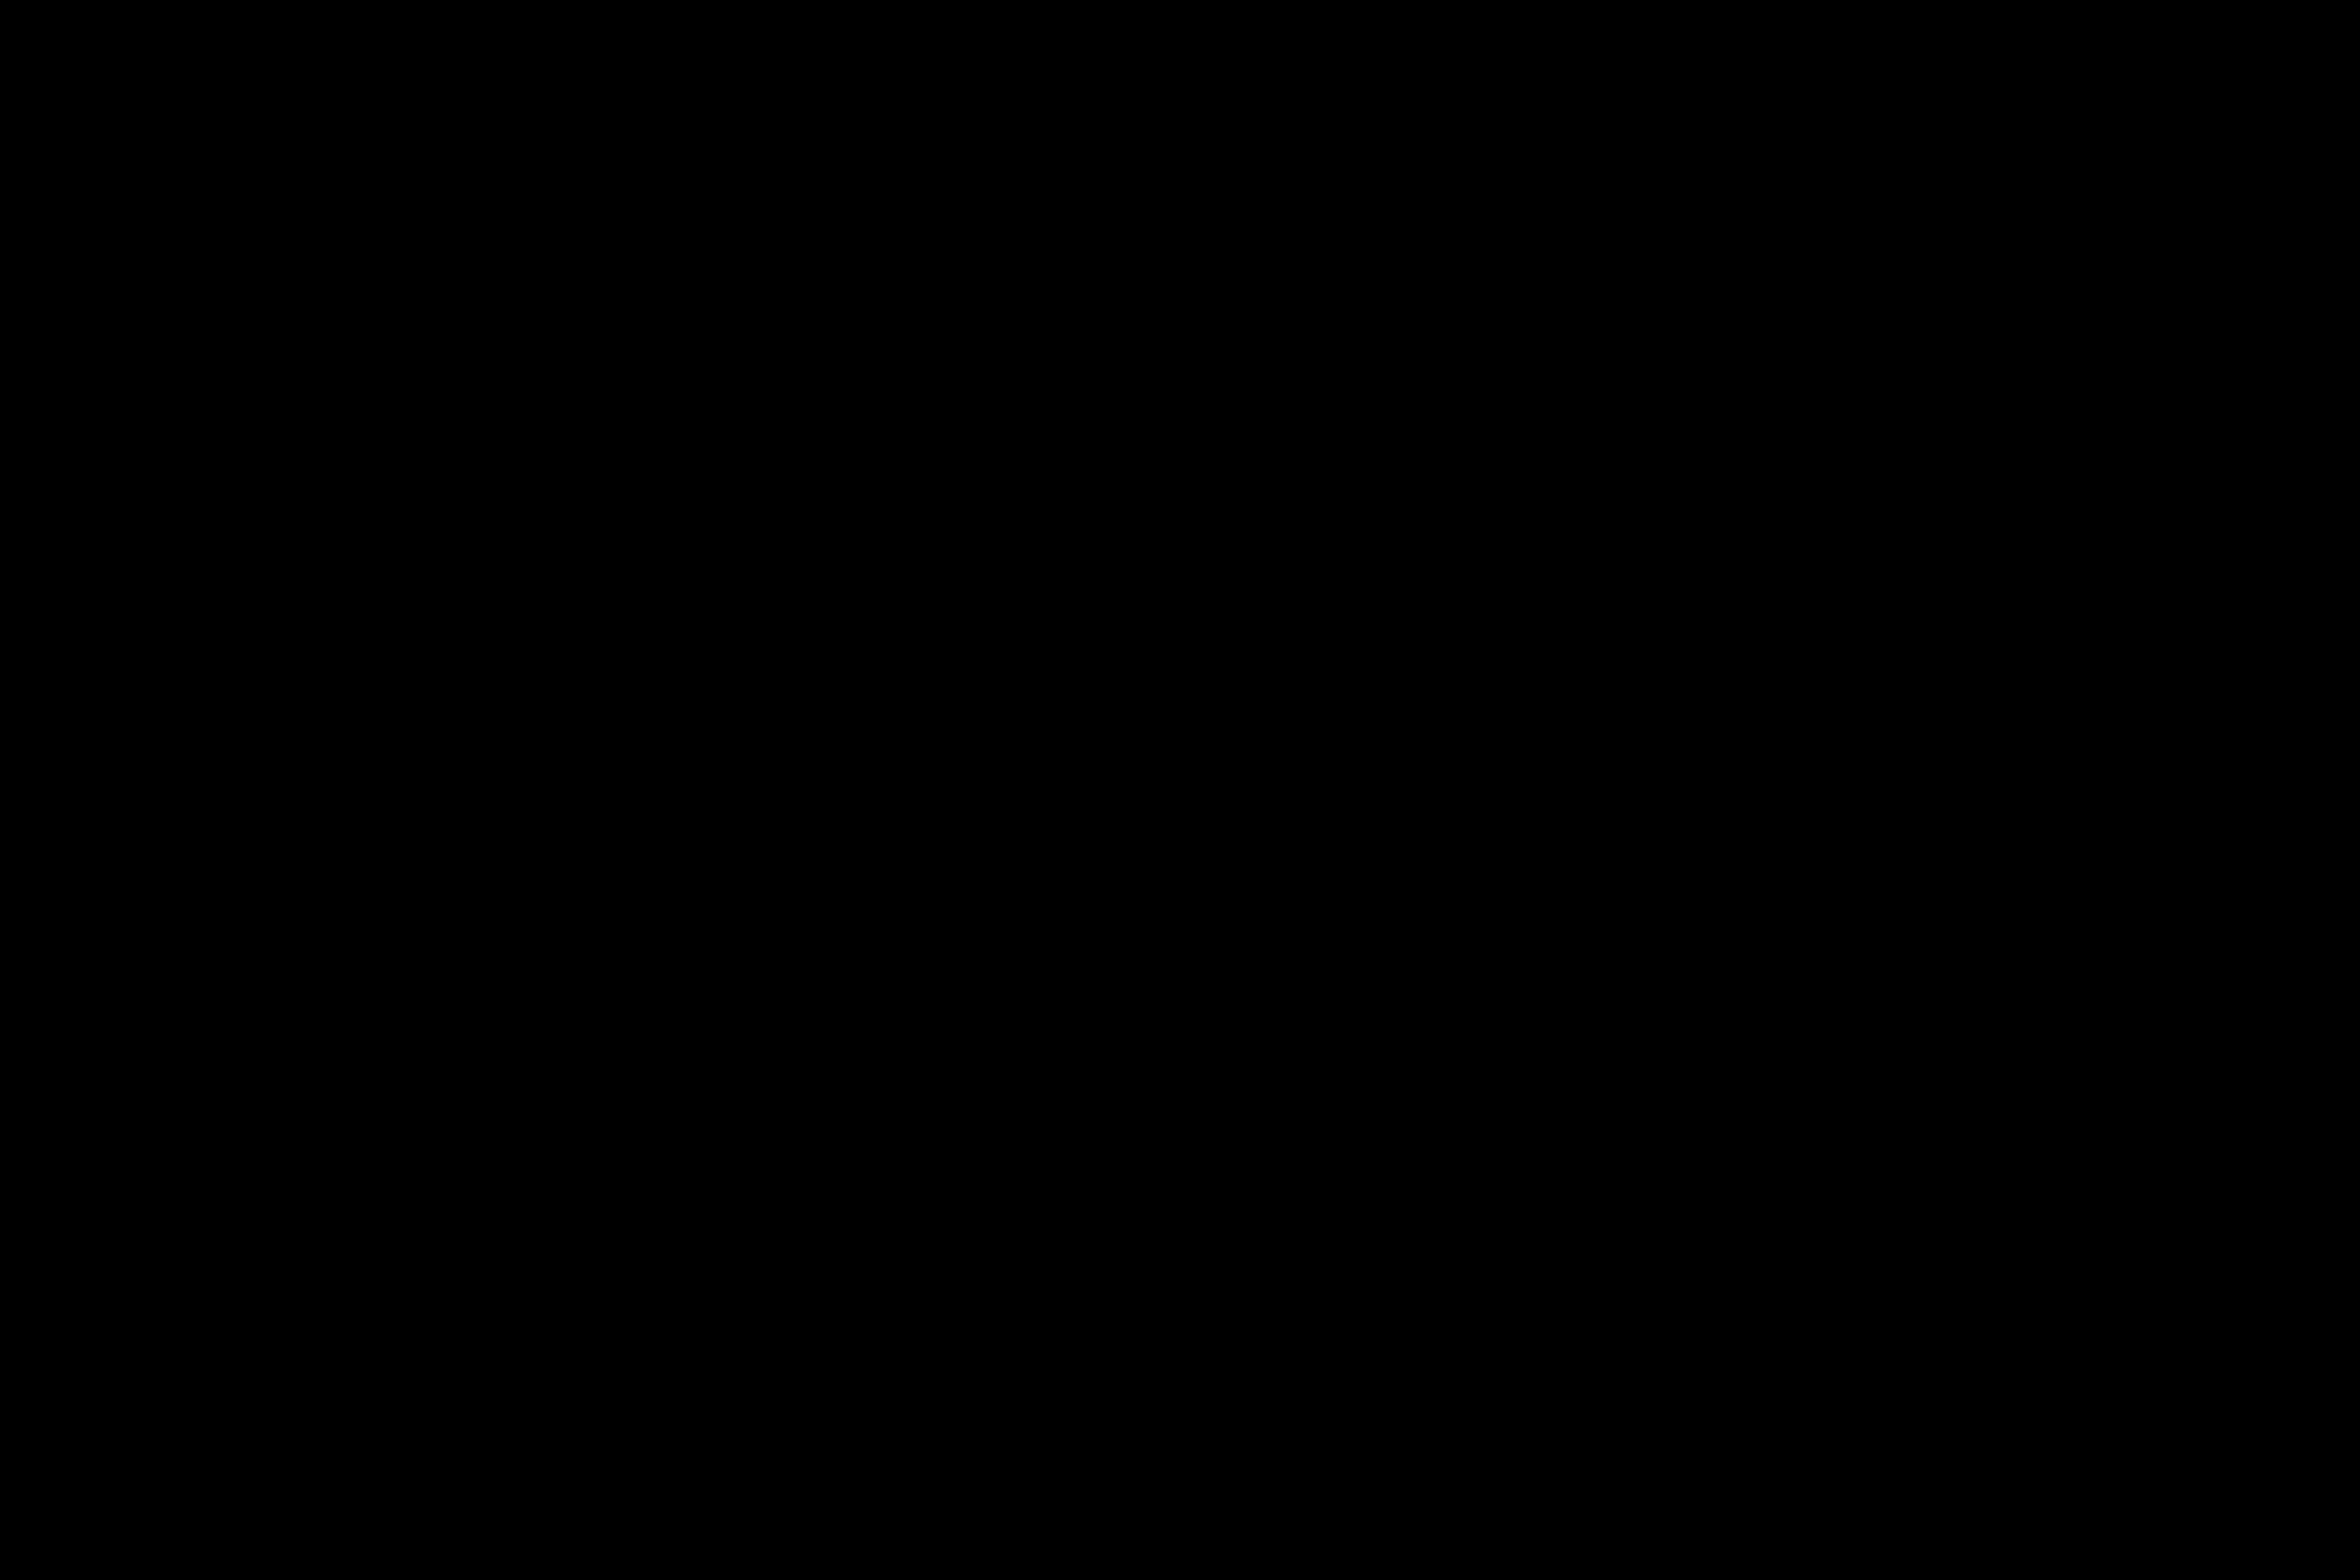 Turistákat késeltek meg a dzserasi romvárosnál, Jordániában